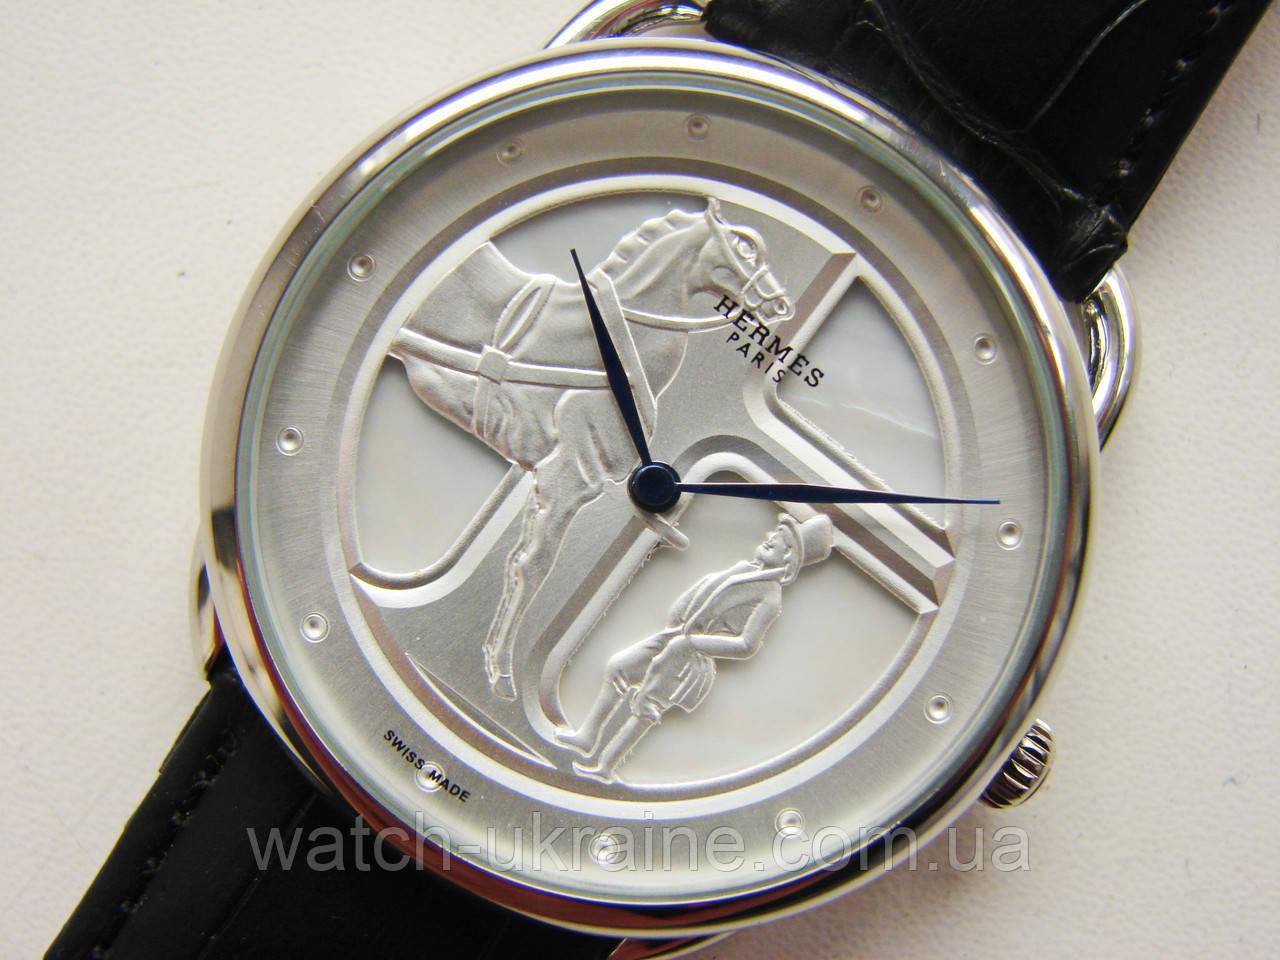 670af096 Купить Часы Hermes Paris по лучшей цене в интернет-магазине часов ...